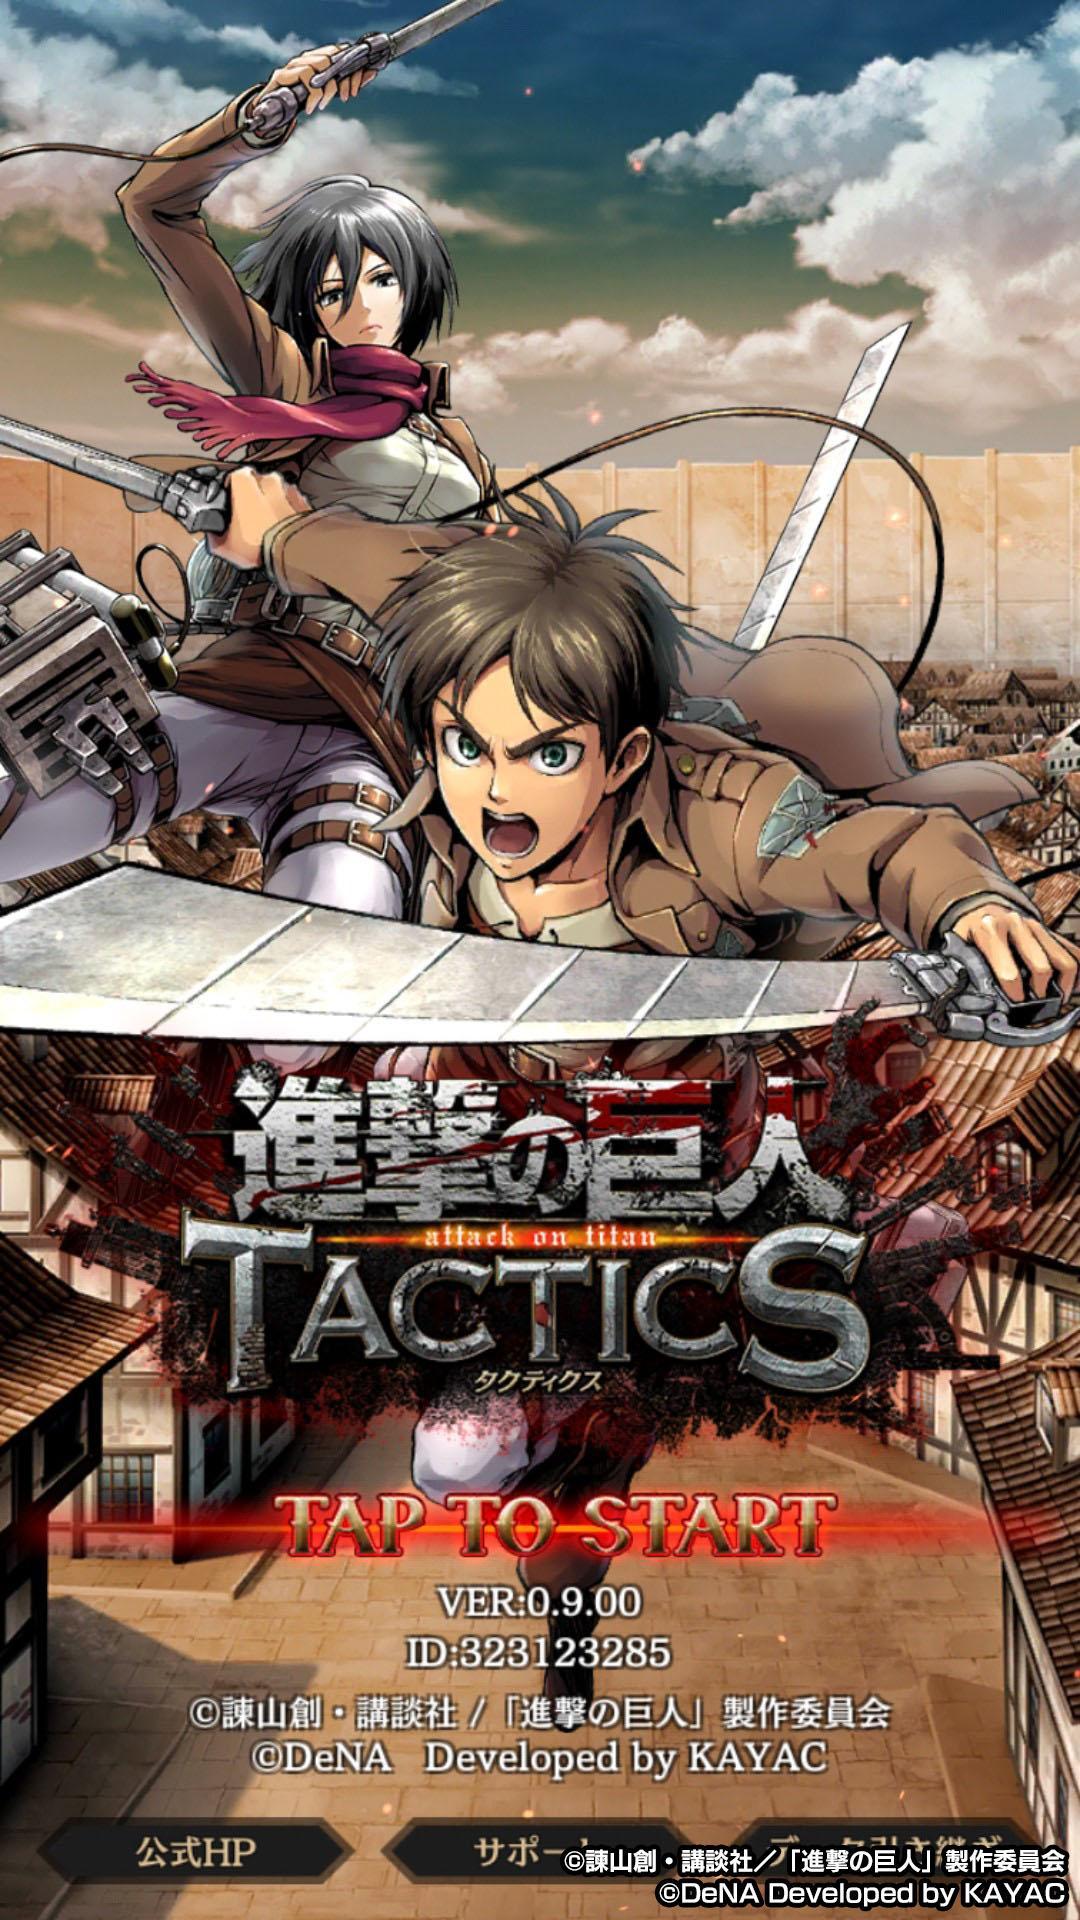 手遊《進擊的巨人 TACTICS》即將登場 更多遊戲畫面預告公開 - 香港手機遊戲網 GameApps.hk